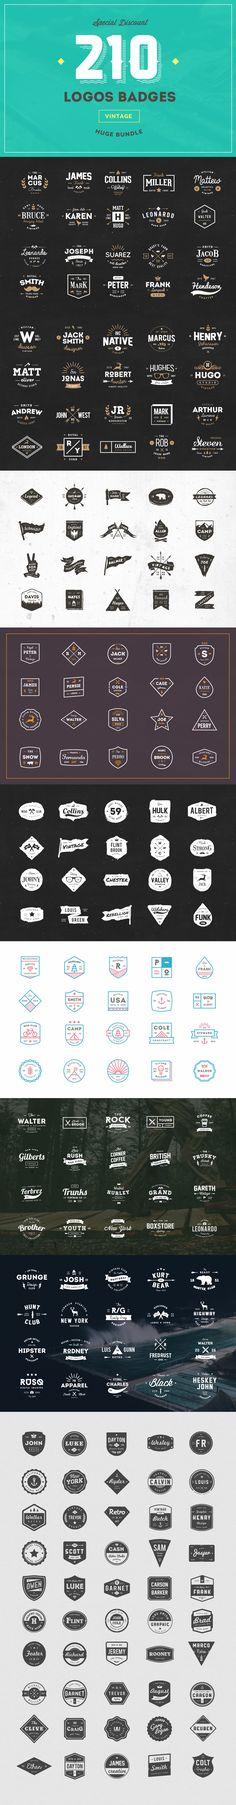 210 Logos Bundle